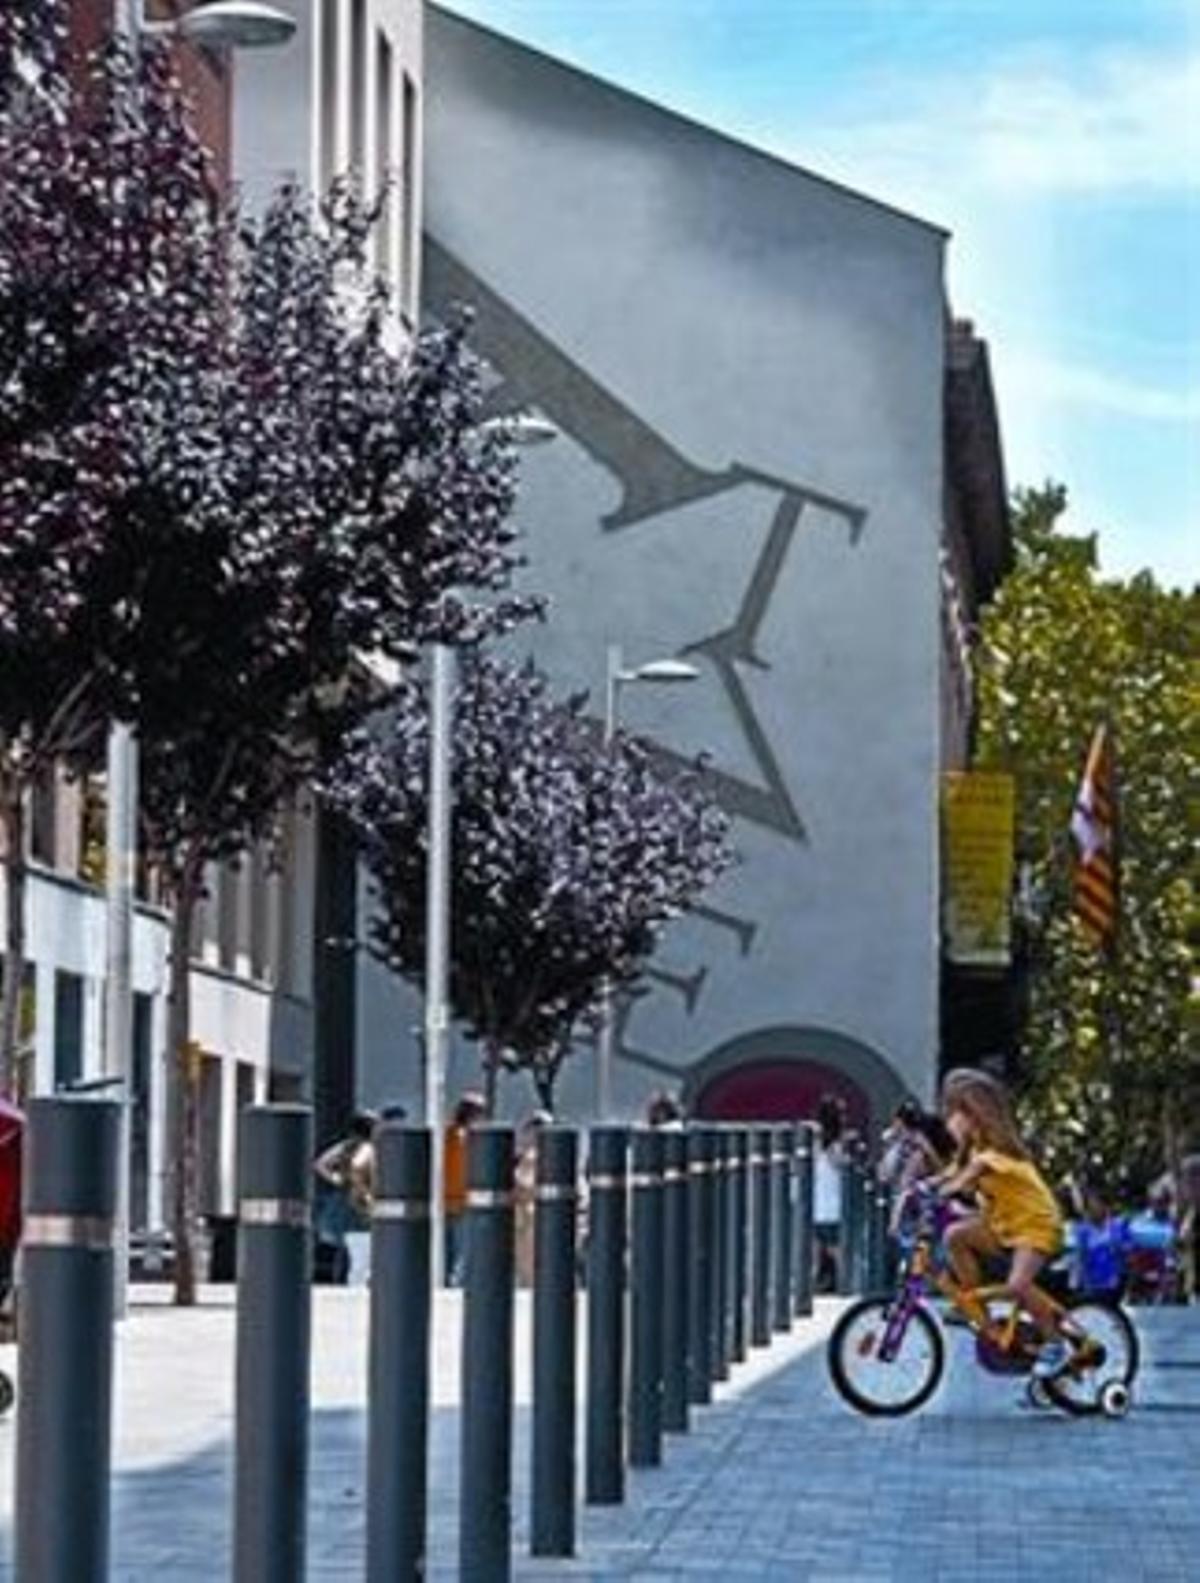 Obra inaugurada 8 La mitgera de l'Ateneu Hortenc, diumenge.